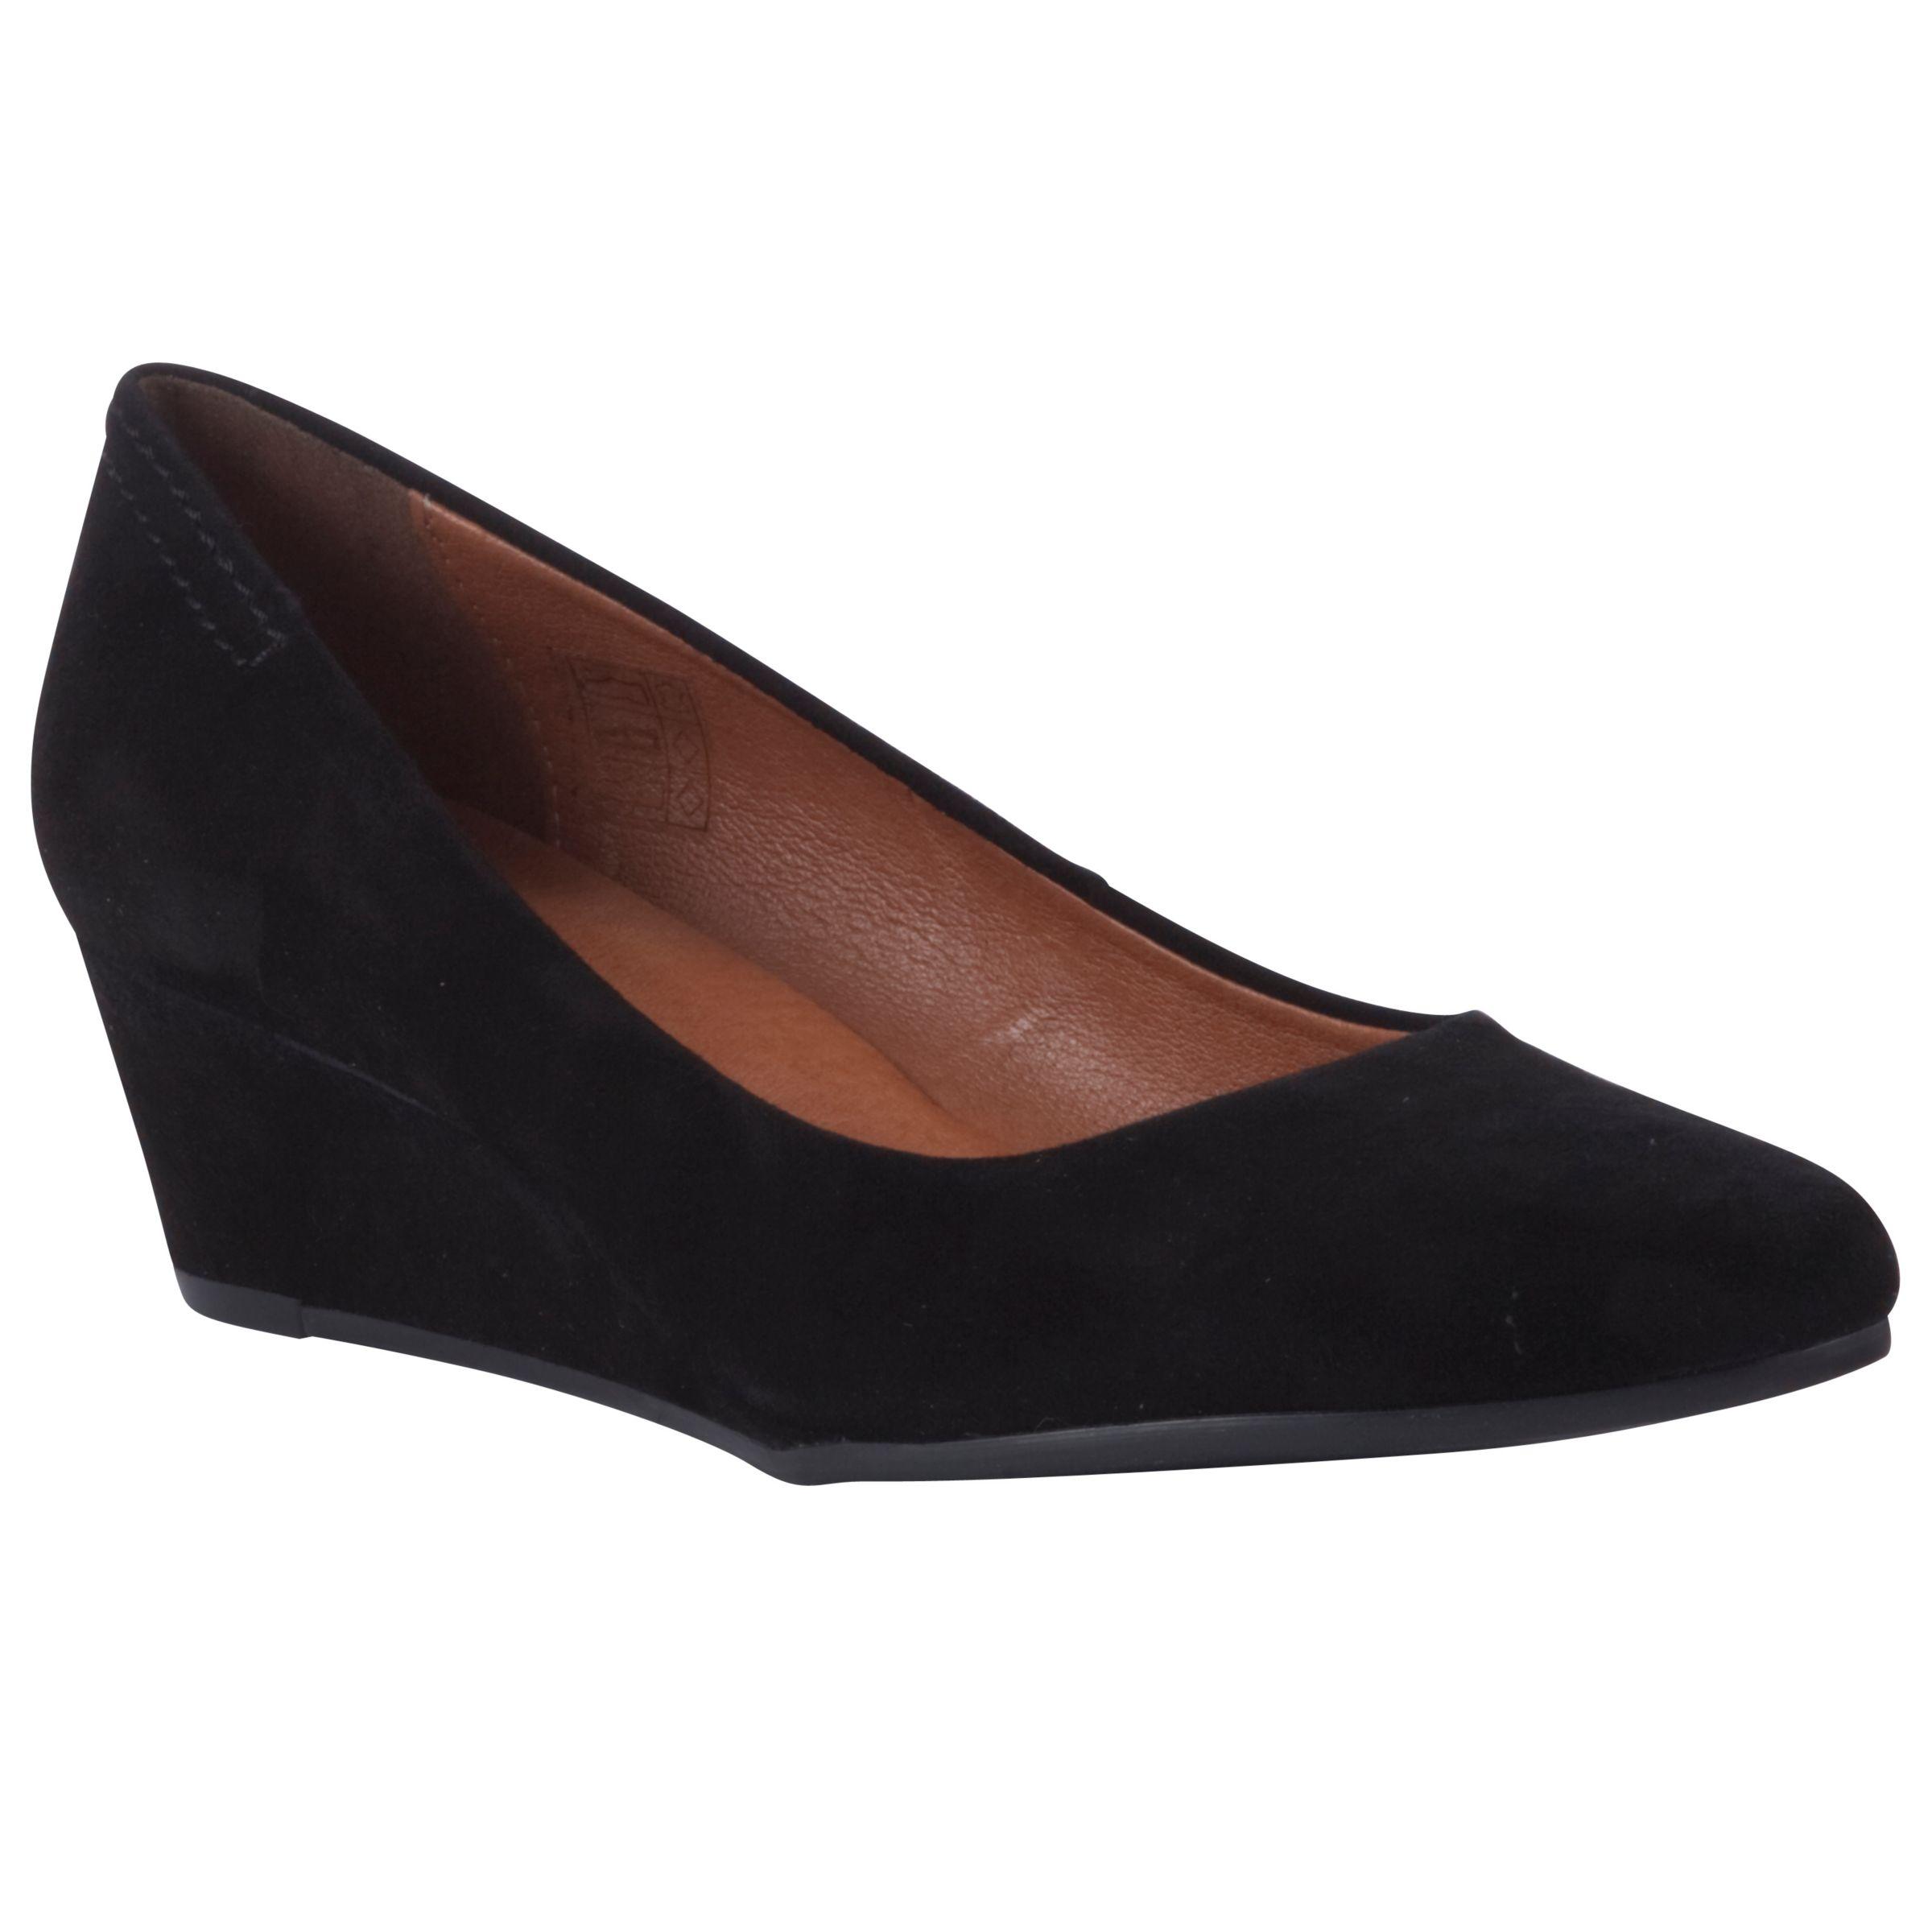 John Lewis Lexington Court Shoes, Black